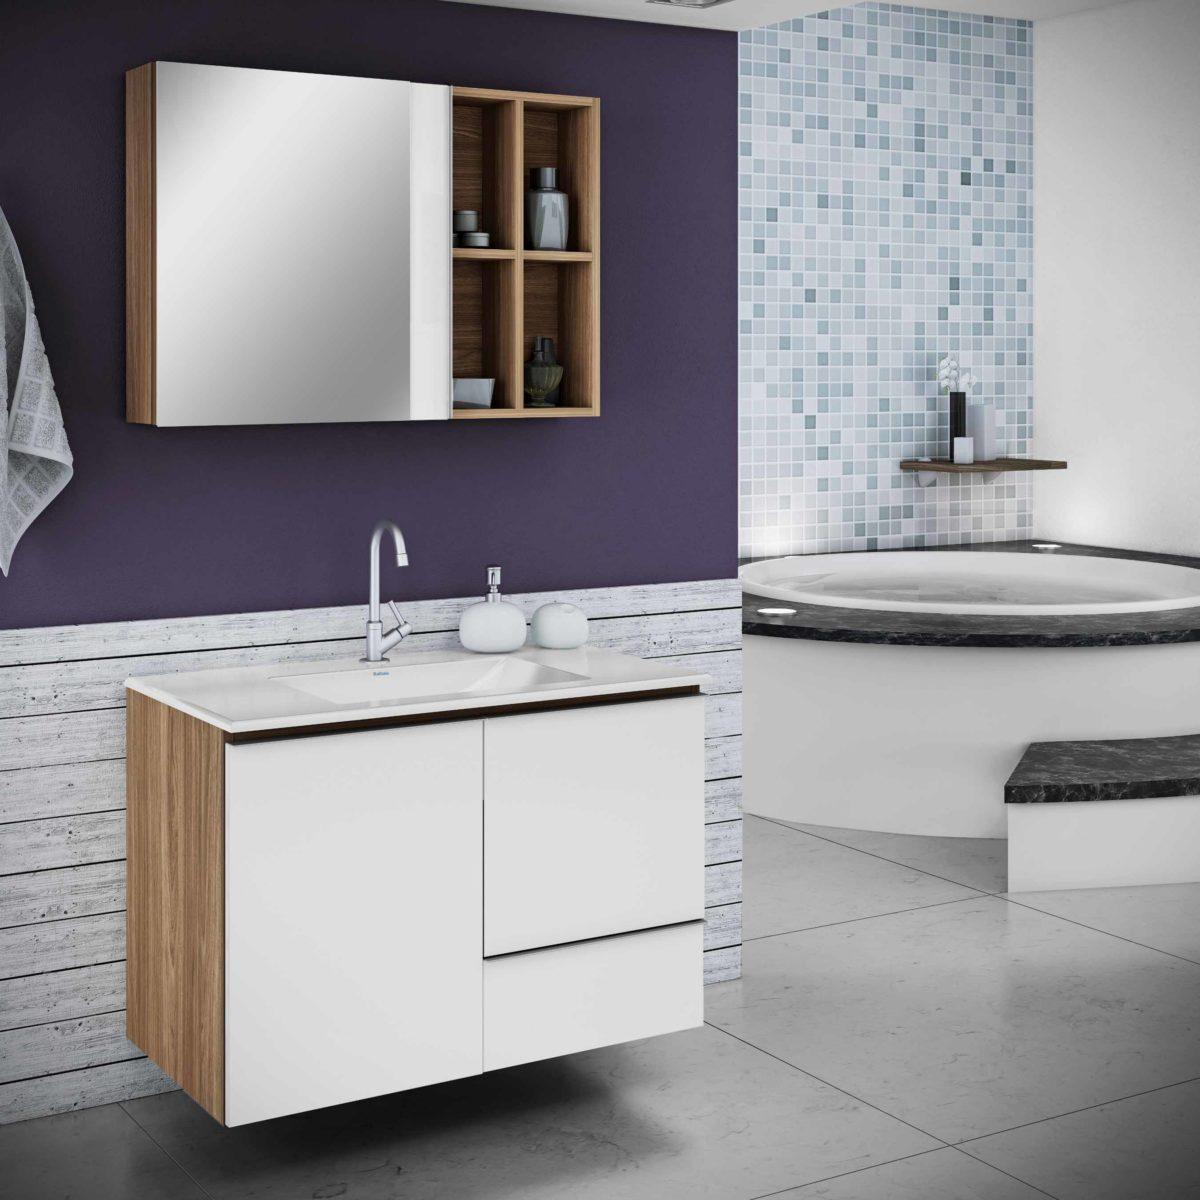 Confira modernos arm rios com espelhos para banheiro - Modelos de armarios ...